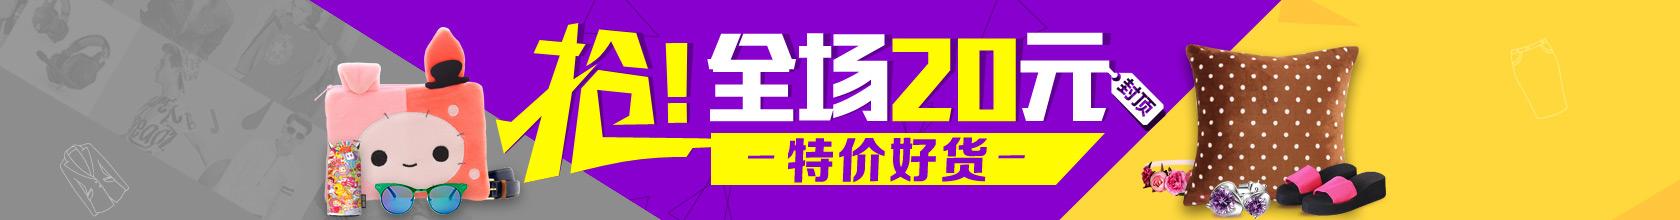 20元封顶页面banner